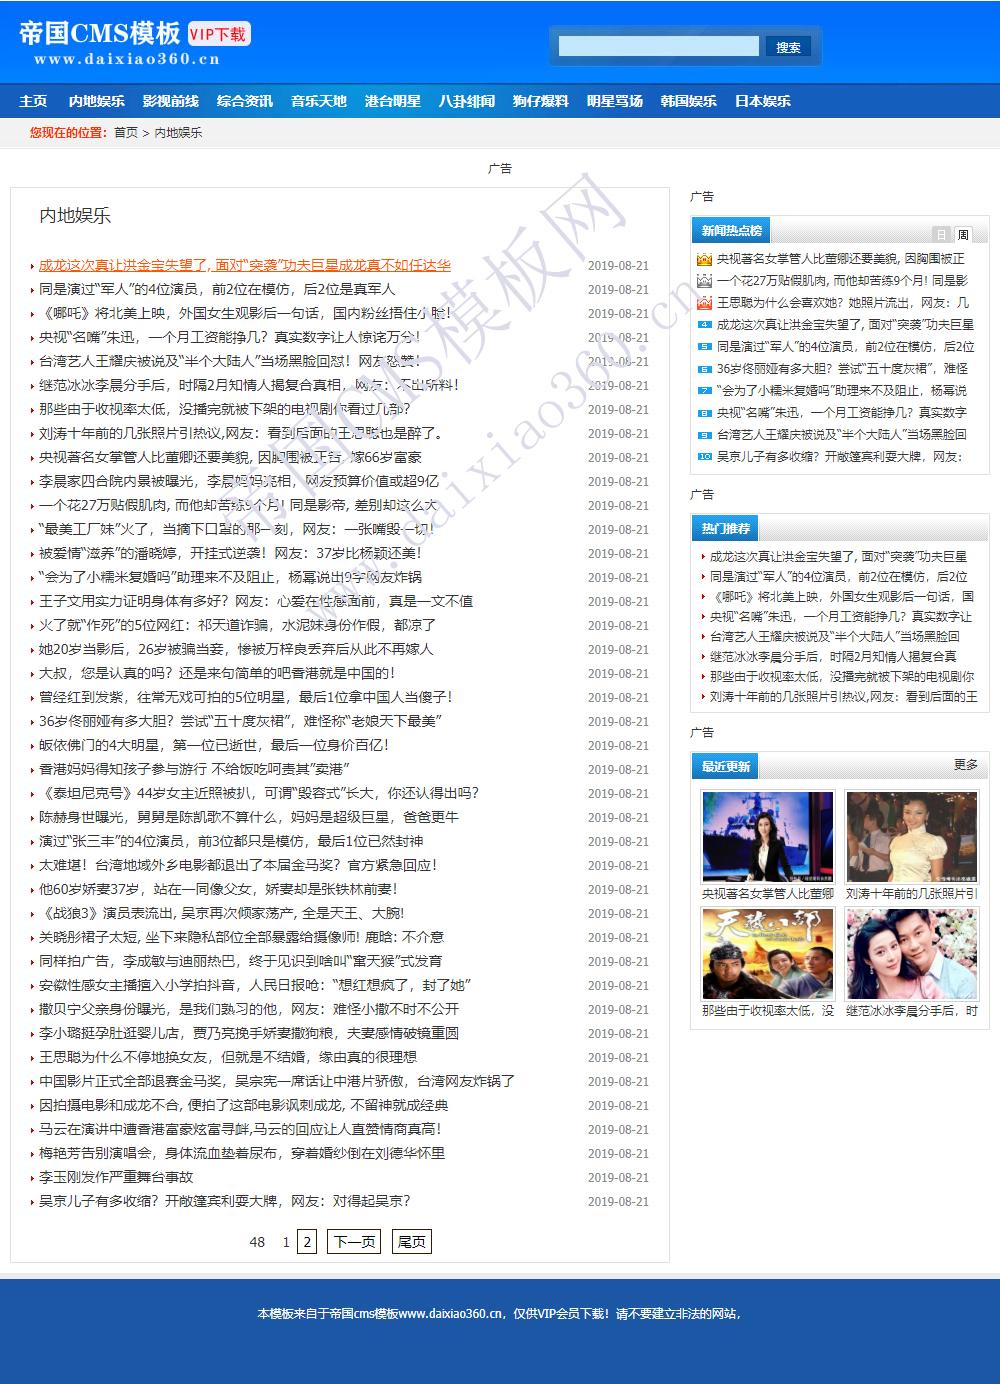 帝国cms蓝色娱乐体育资讯类网站模板-列表页